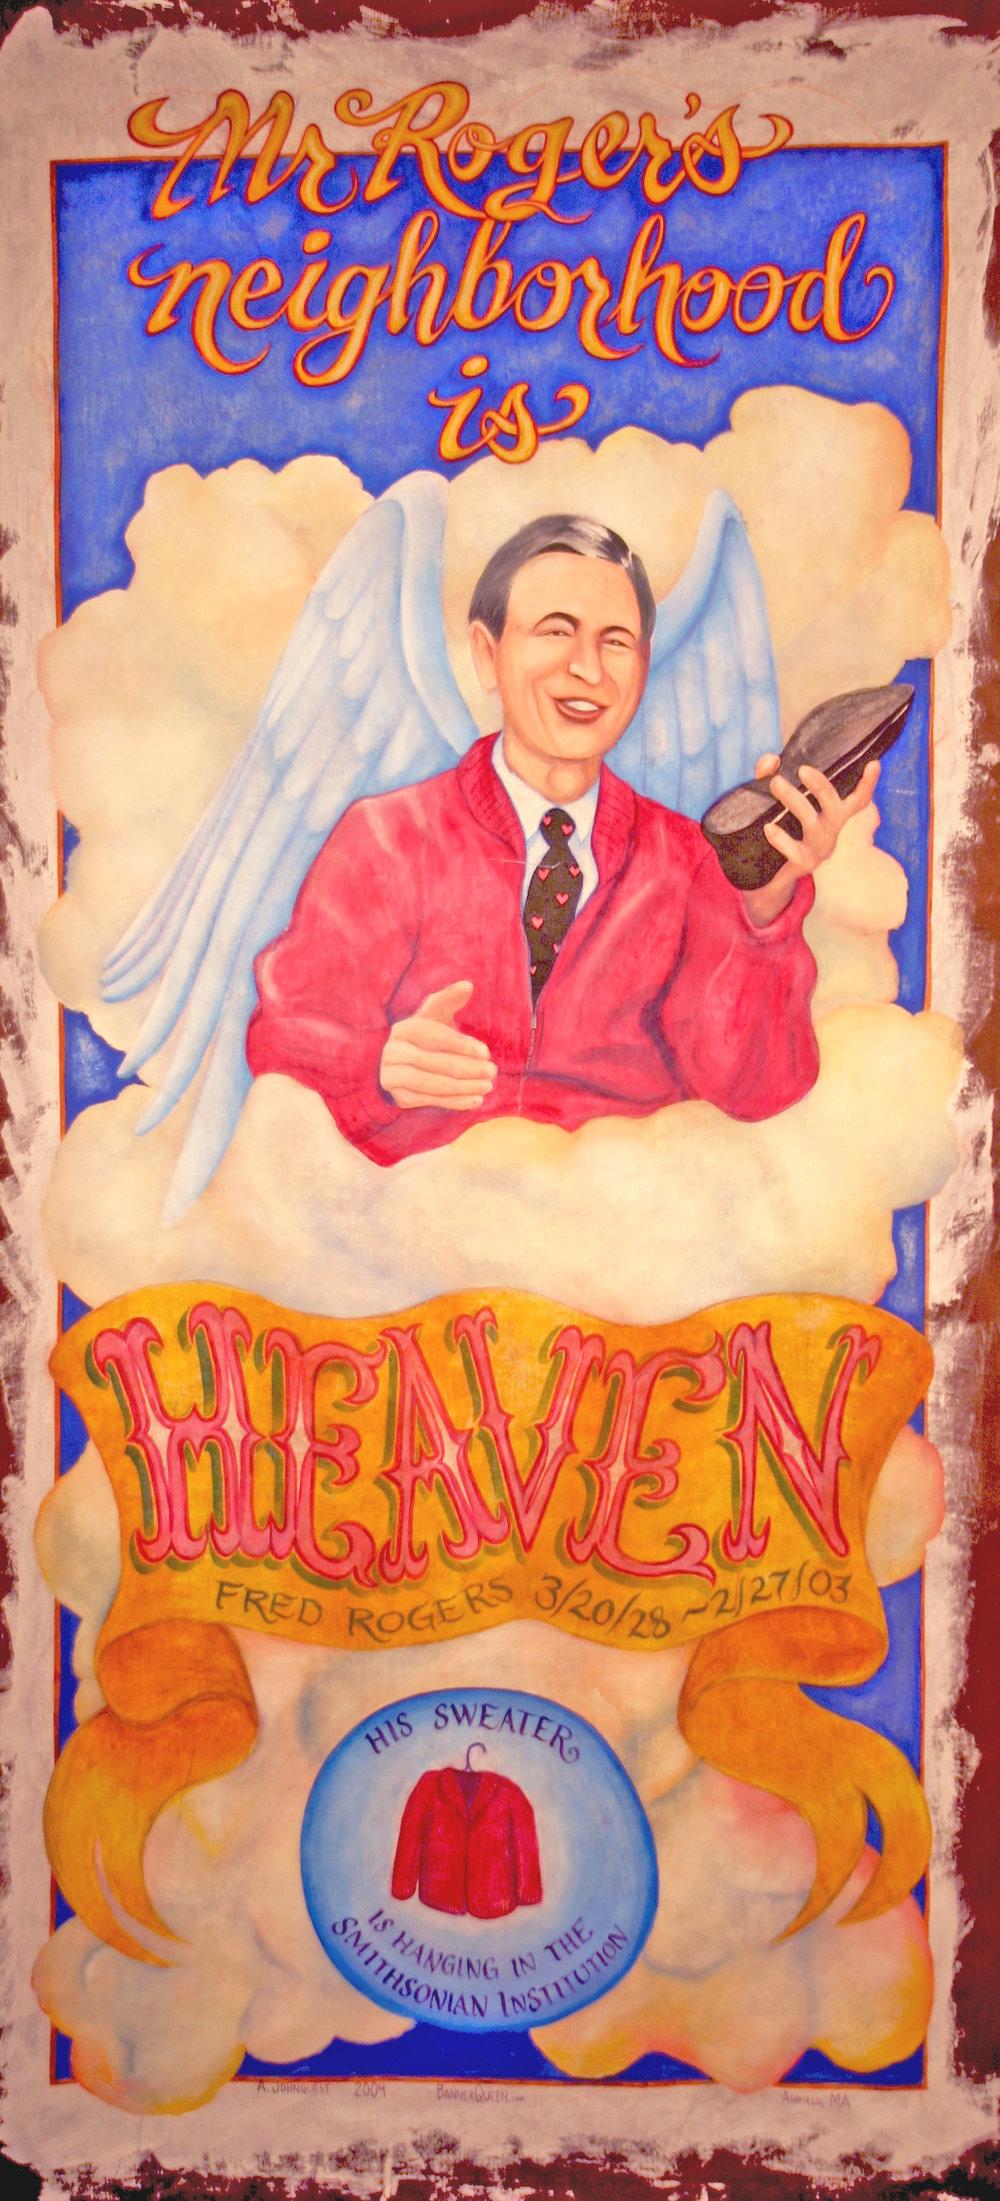 Mr. Roger's Neighborhood is Heaven